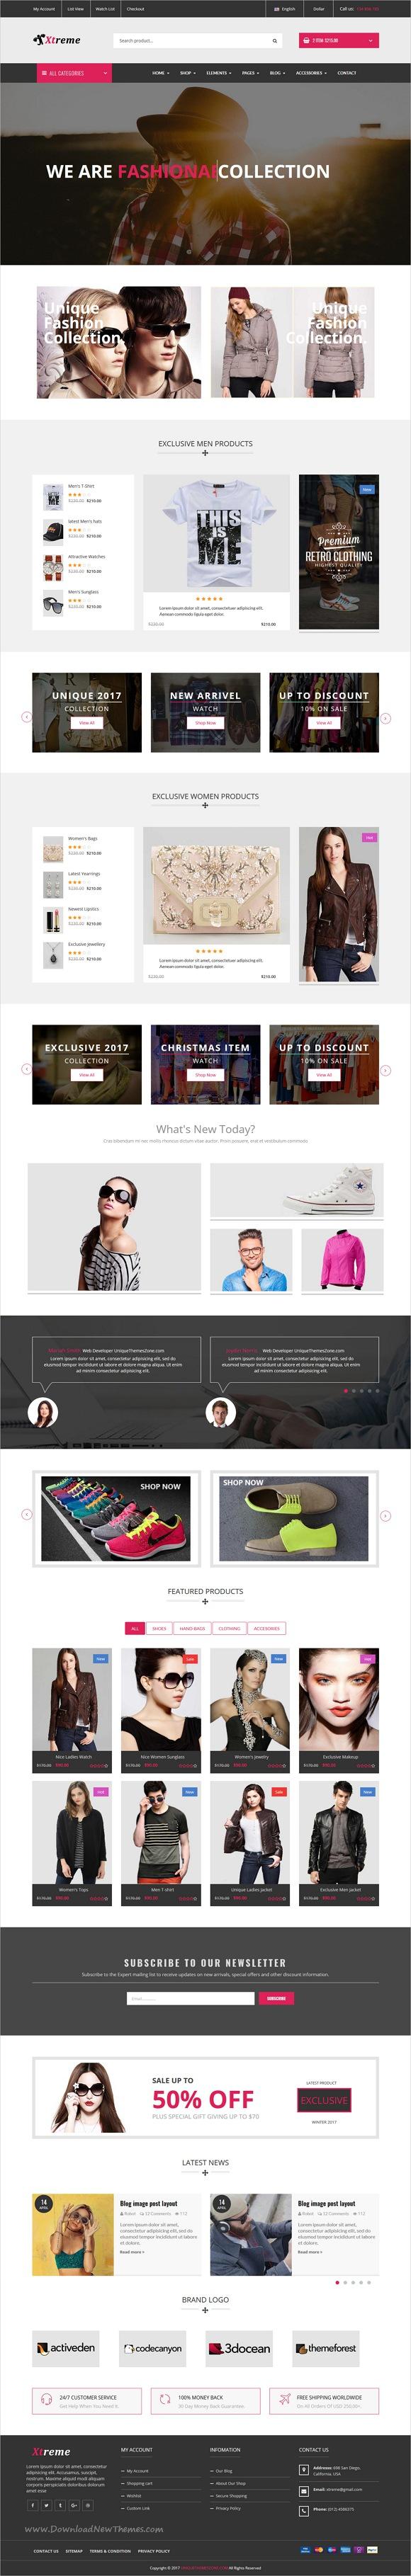 Xtreme - Fashion eCommerce HTML5 Template   eCommerce